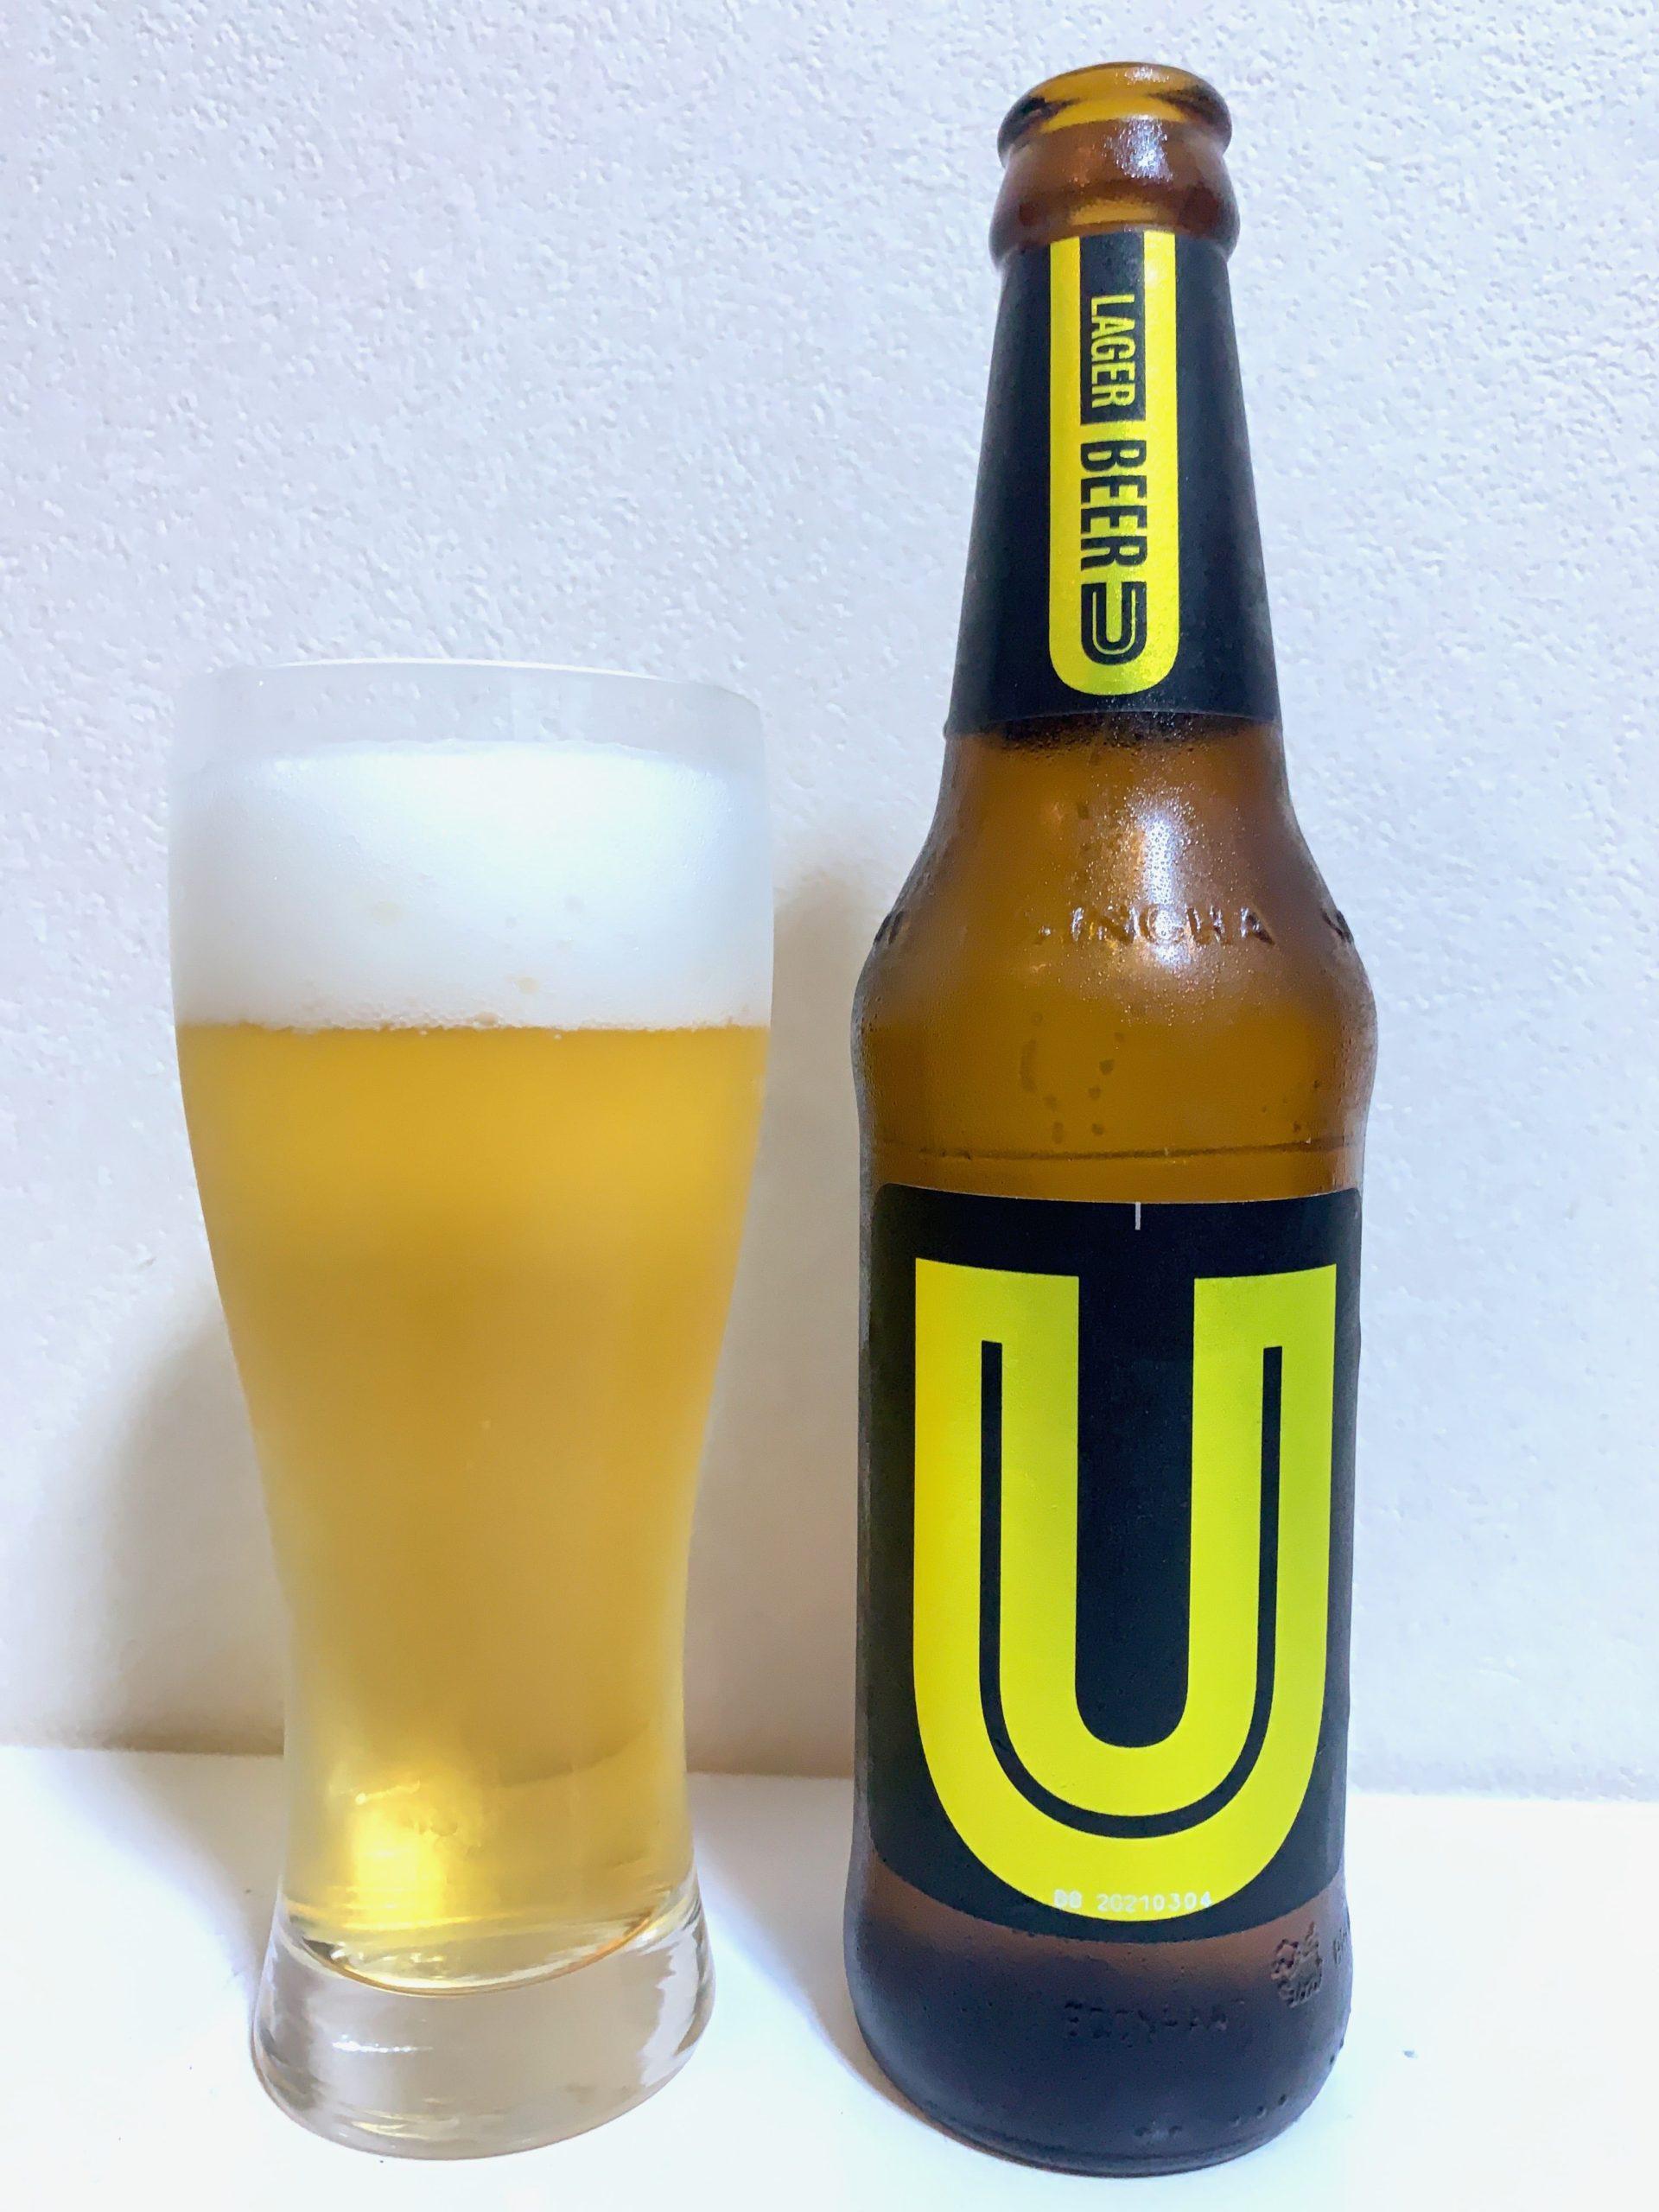 U BEER(ユービール)